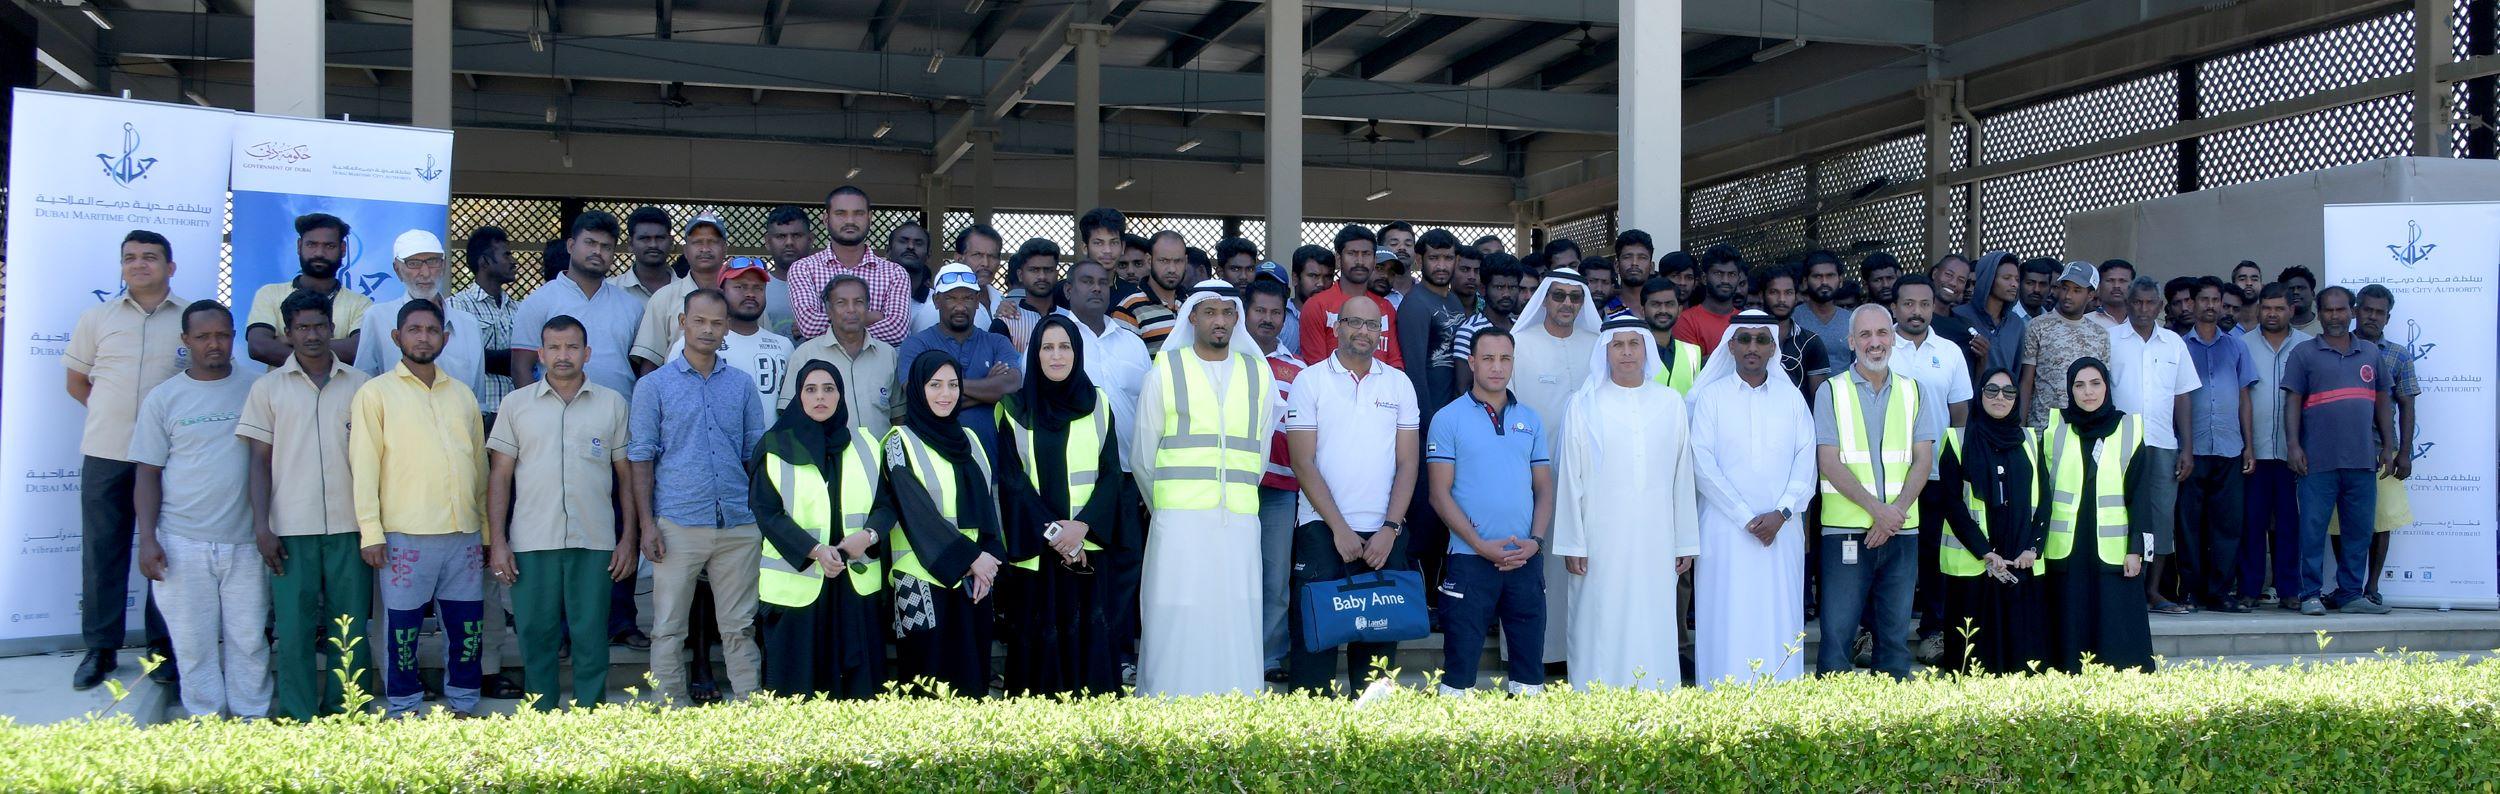 Dubai Maritime City Authority joins UAE's celebration of